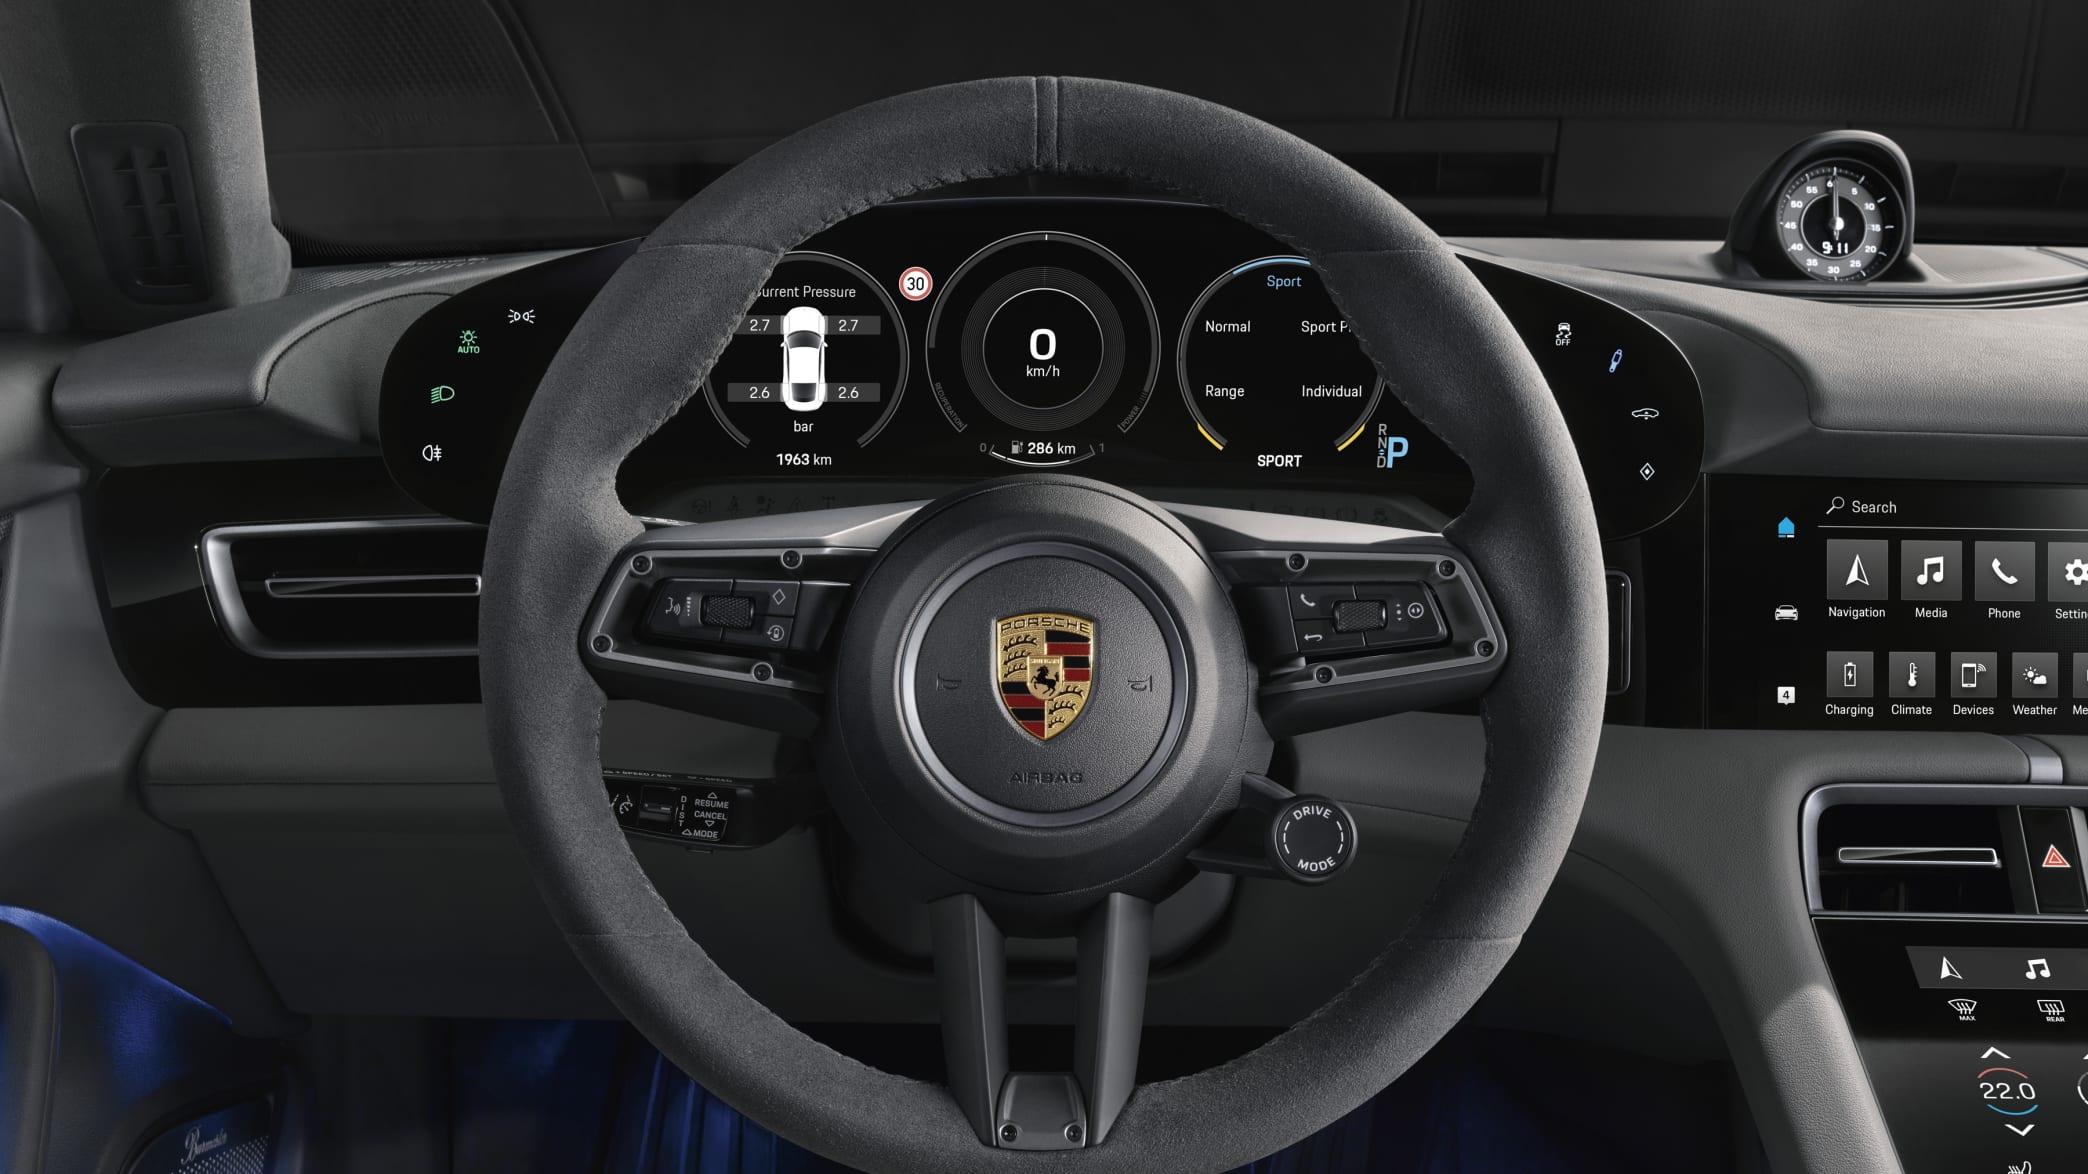 Blick auf das Cockpit des Porsche Turbo S mit Drive-Mode Schalter